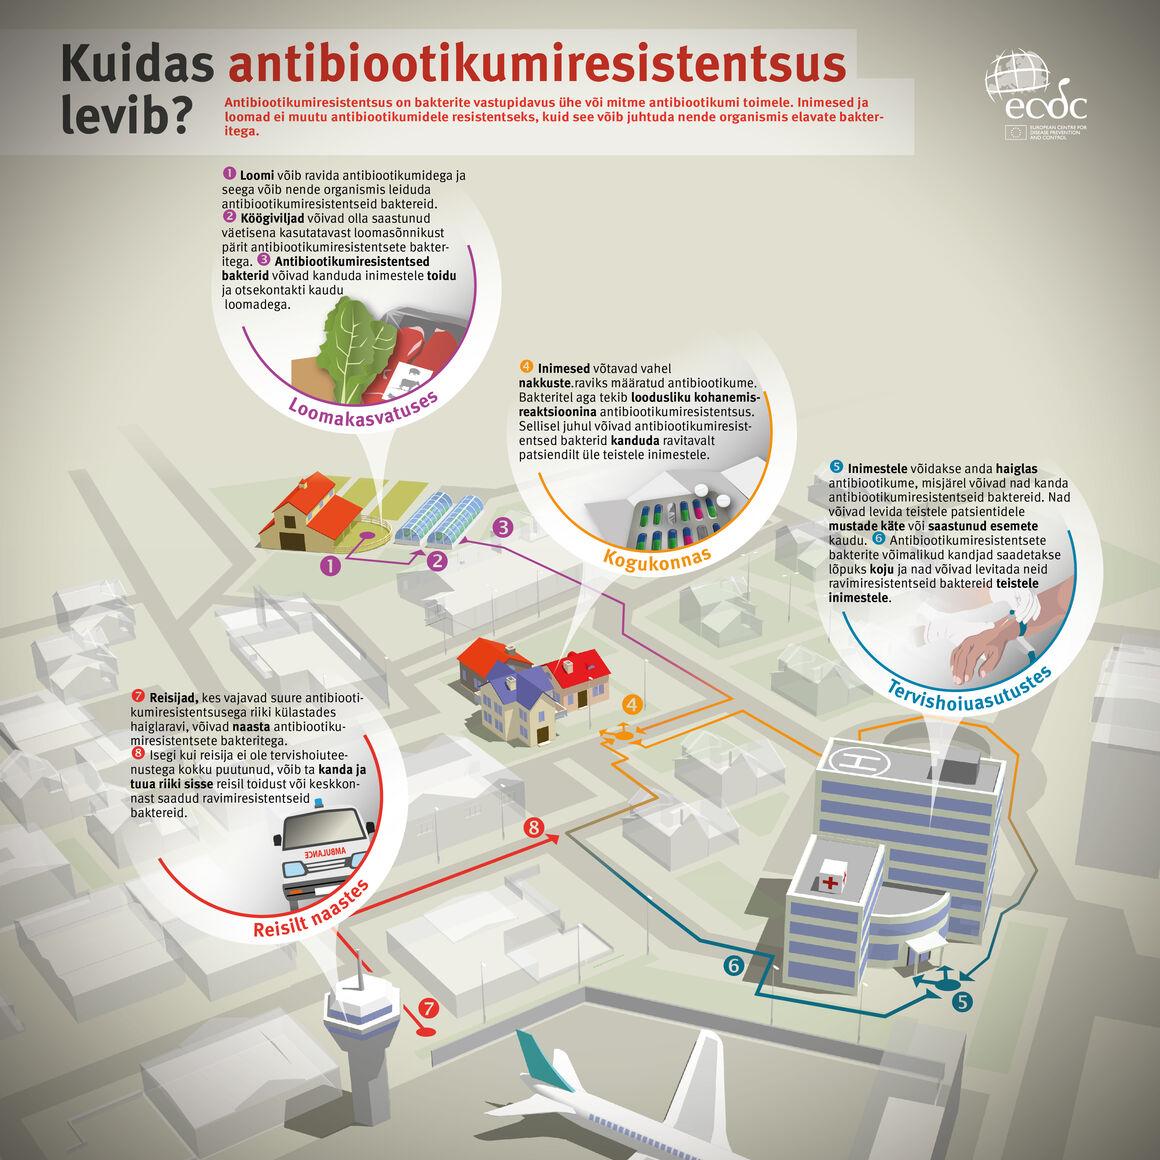 Kuidas antibiootikumiresistentsus levib?